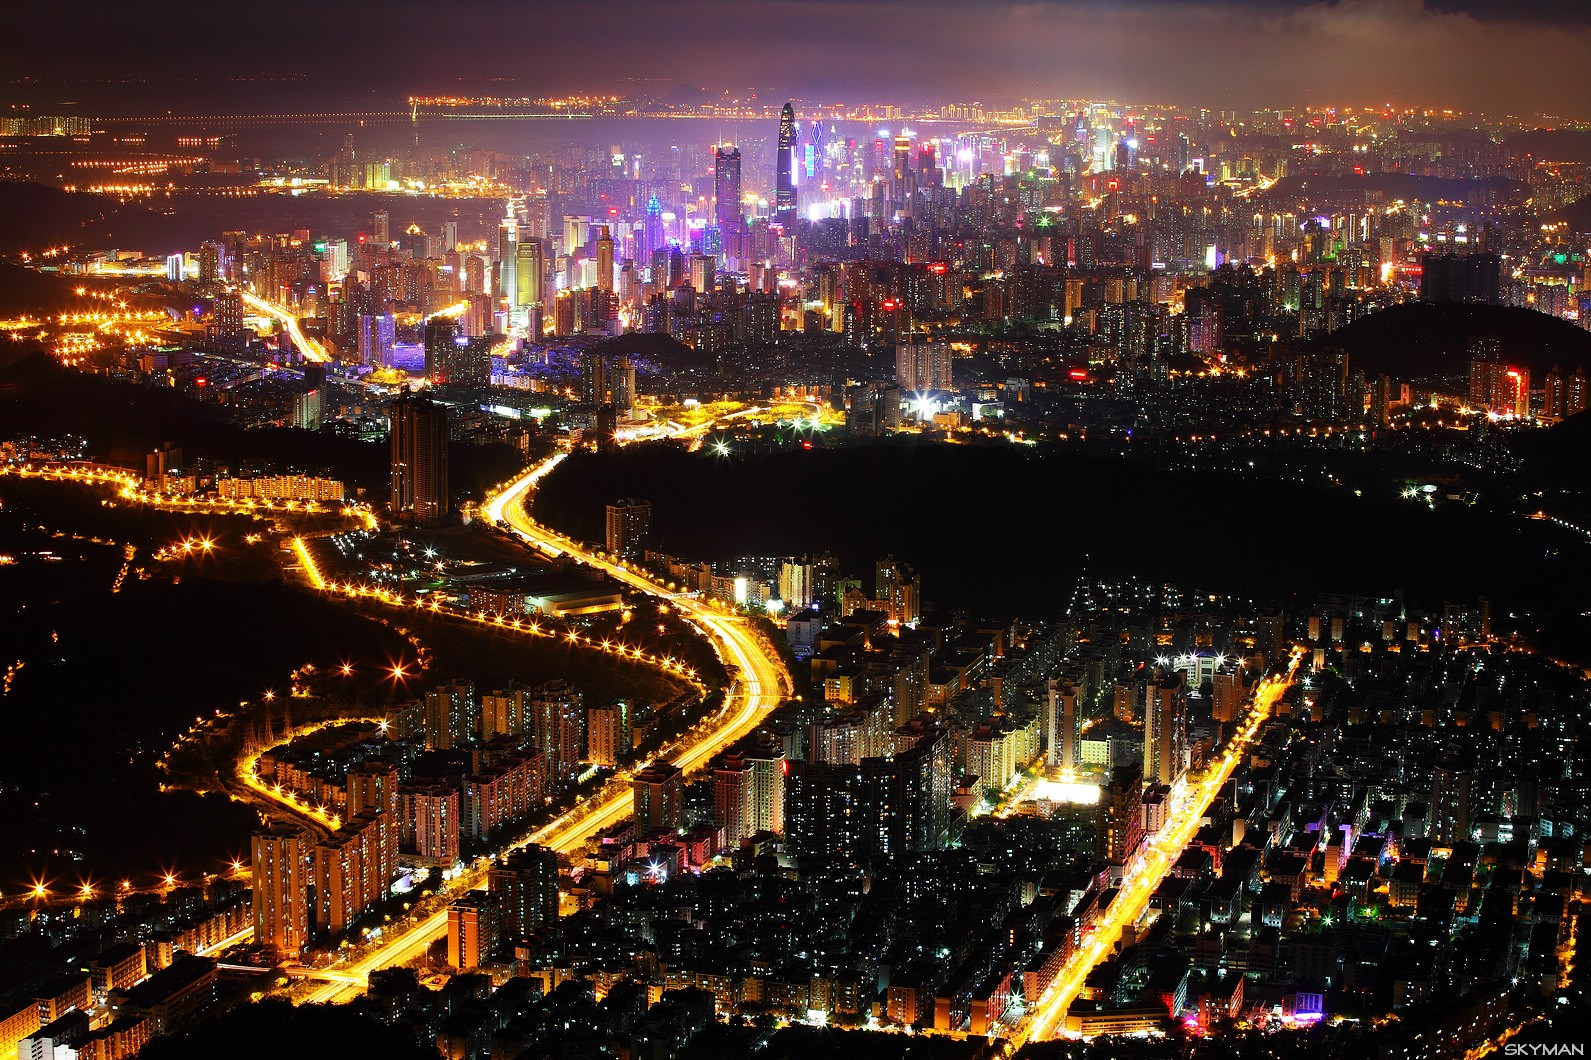 [原创]----夜  色  鸟瞰鹏城----